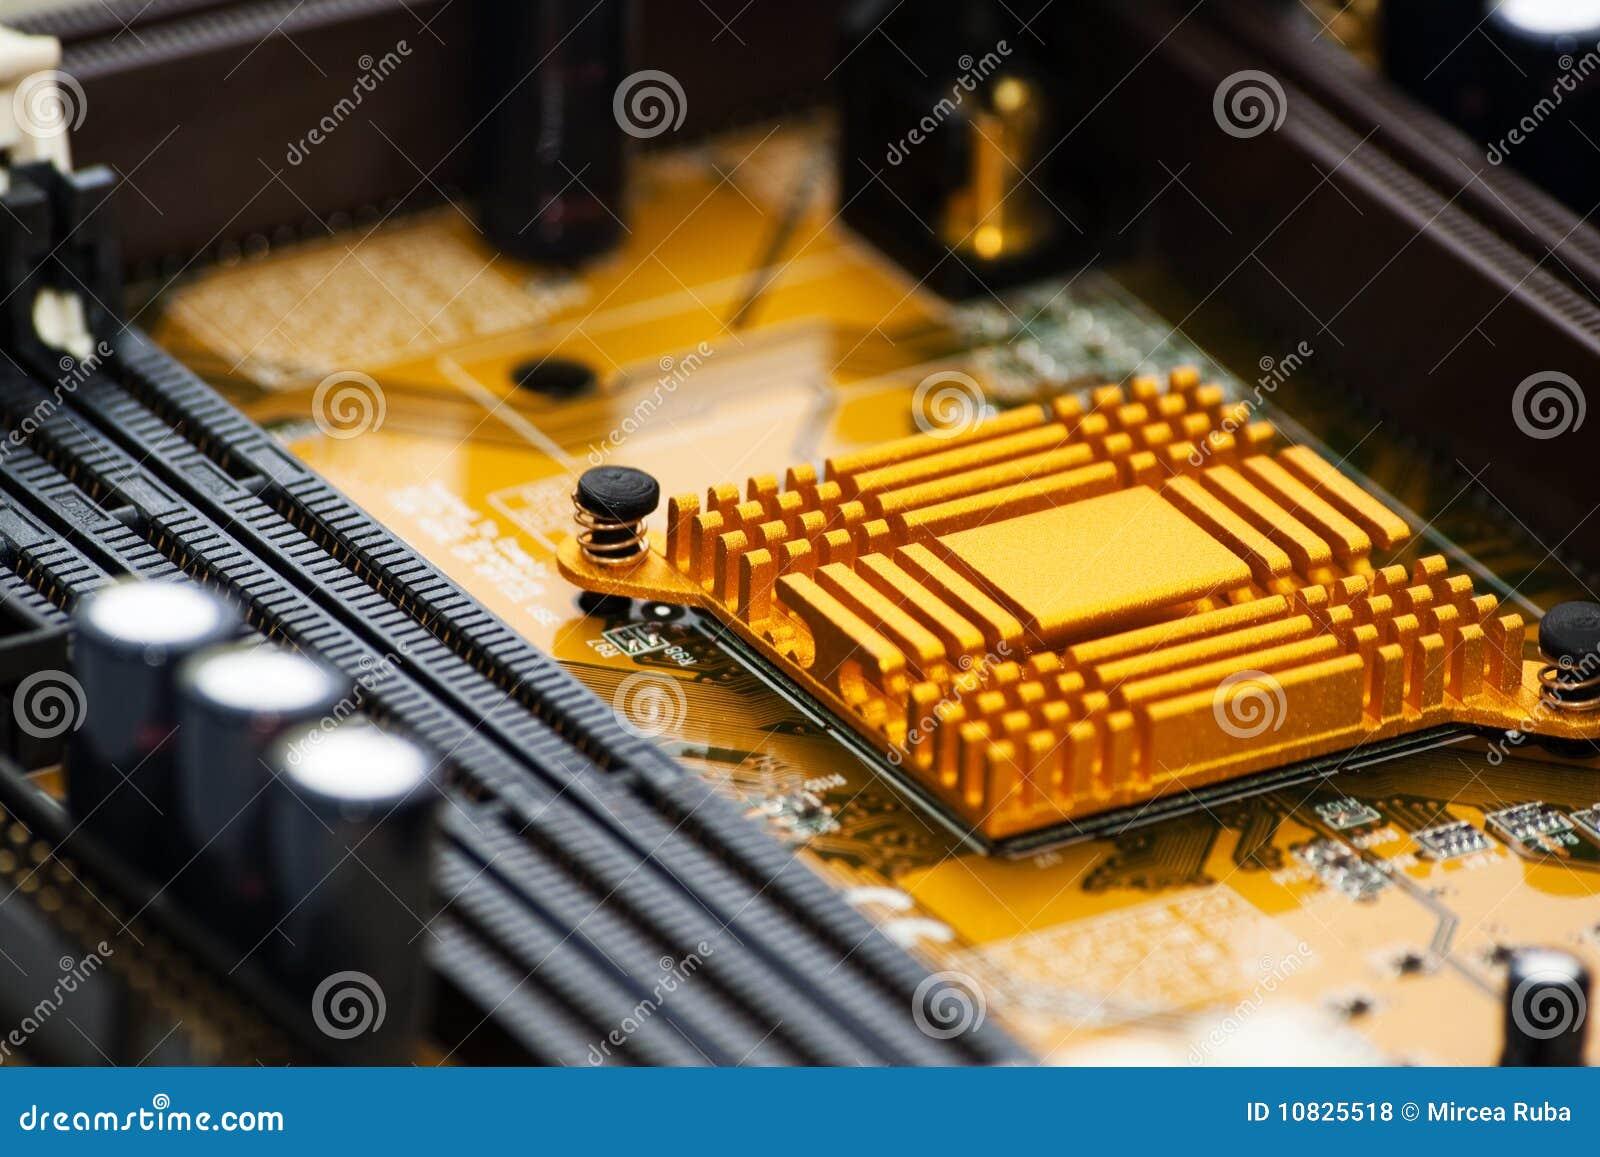 Elektronisches Vorstanddetail über ein Chip